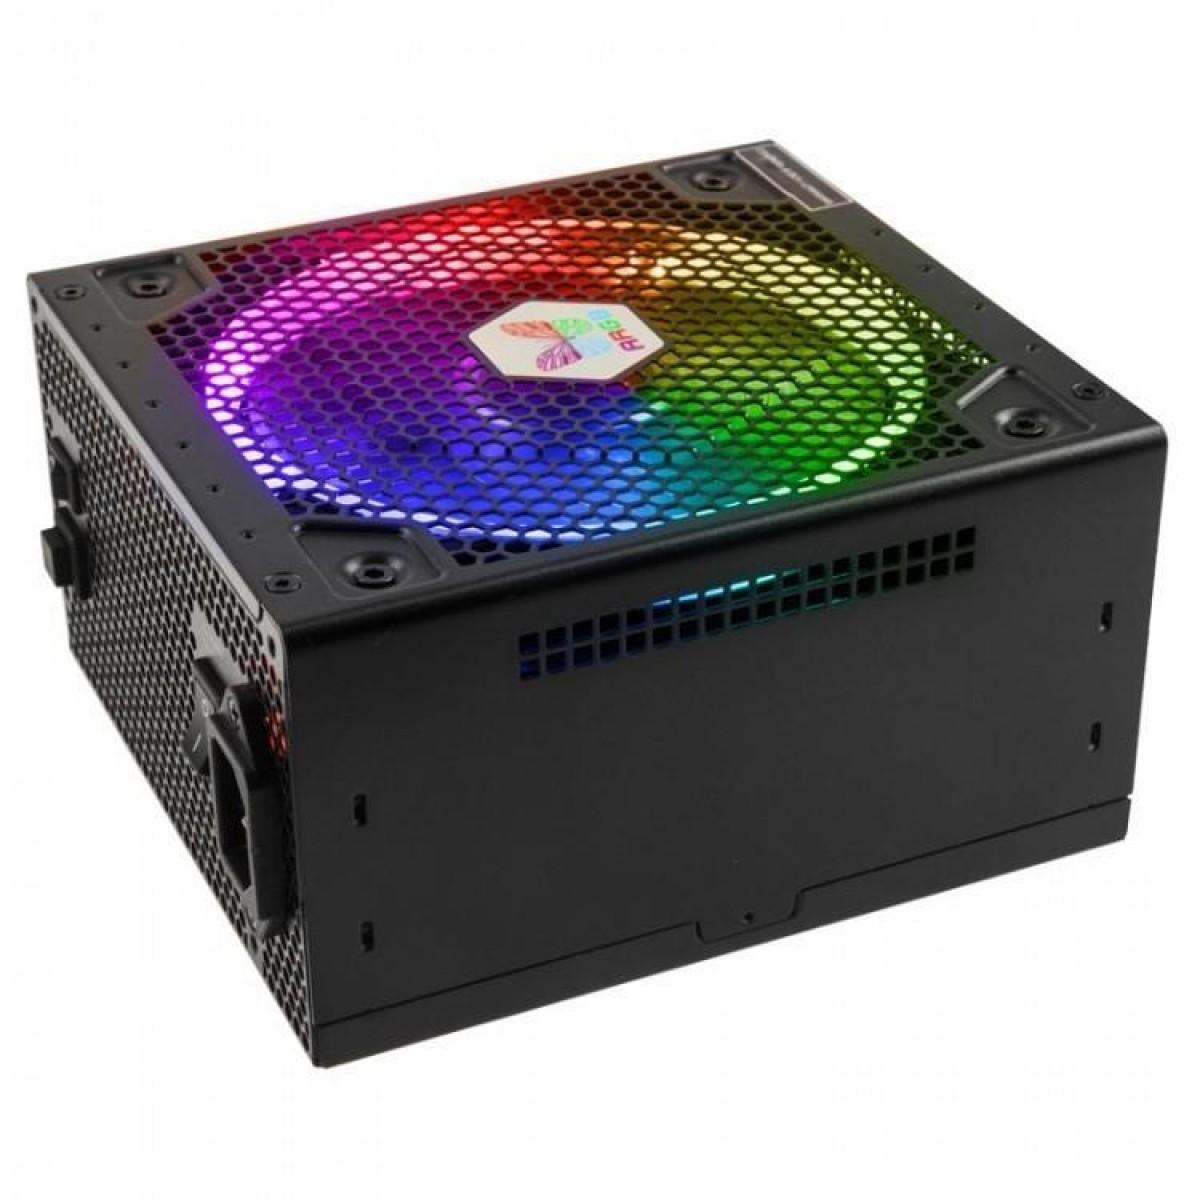 Fonte Super Flower LEADEX III ARGB 550W, 80 Plus Gold, PFC Ativo, Full Modular, SF-550F14RG(BK)